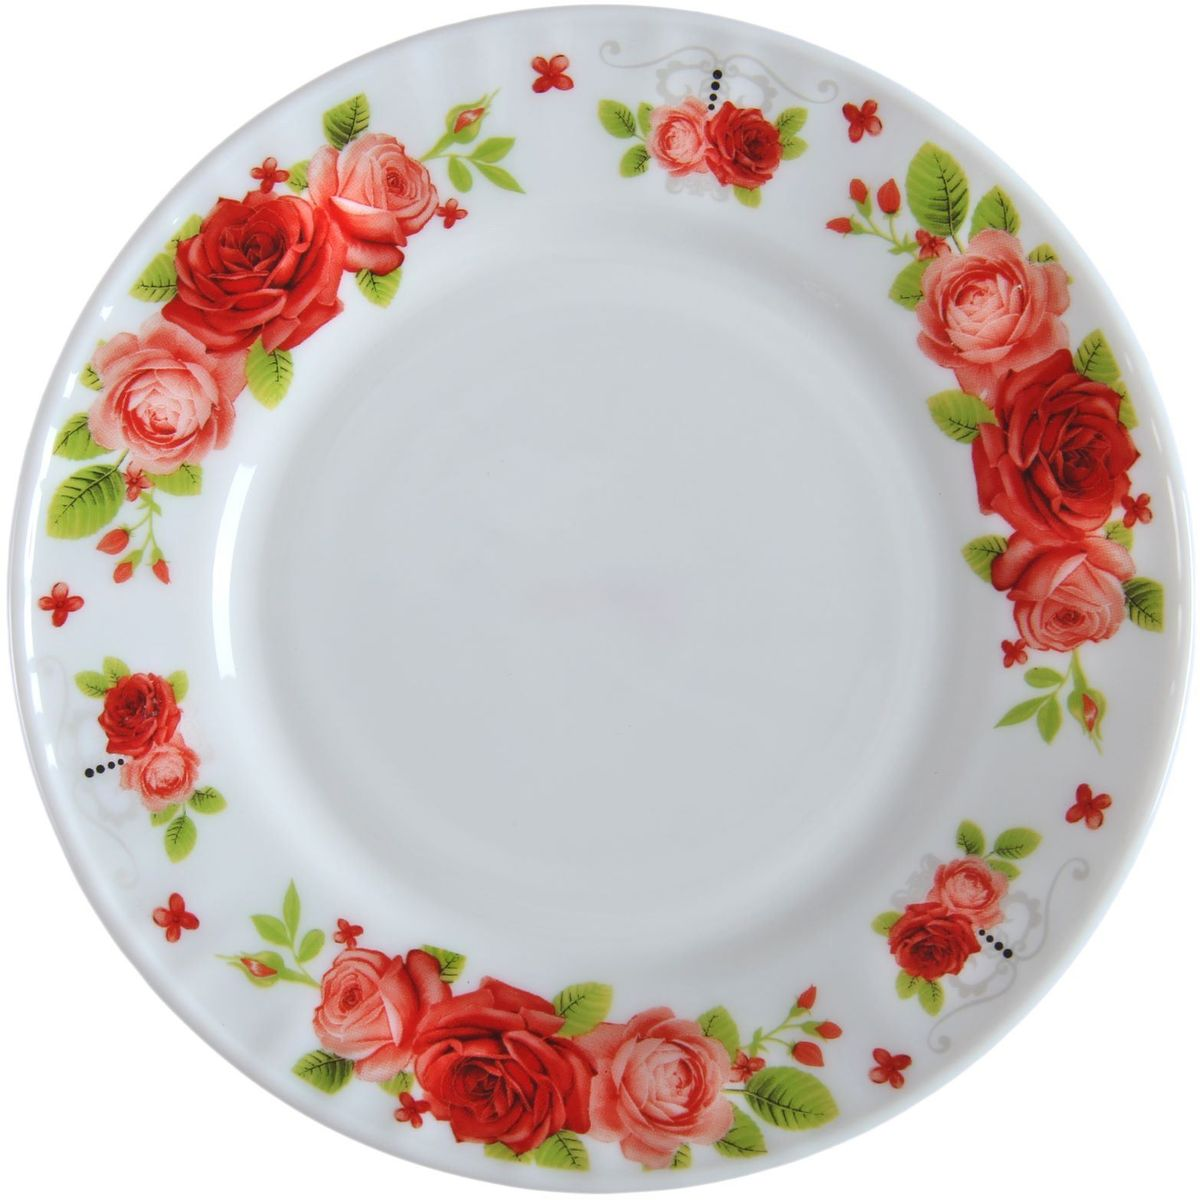 Тарелка десертная Поэзия роз, диаметр 17,5 см1152130Тарелка – важнейший предмет любого застолья. Будучи во главе стола, она привлекает к себе основное внимание. А это значит – рисунок, цвет и материал играют немаловажную роль.Почему во всем мире так ценится посуда из стеклокермики?Универсальна. Ее можно использовать и для приготовления пищи, и для безопасного хранения любых готовых блюд. В такой посуде можно кипятить, варить, жарить парить, тушить и запекать любые продукты.Ударопрочна и травмобезопасна. Термическое стекло – очень прочный материал, который не поддается механическим нагрузкам, не бьется, не колется и не трескается.Термически устойчива (жаропрочна). Посуда не деформируется при нагреве и подходит для СВЧ-печей.Химически инертна. Стеклянные поверхности посуды совершенно нечувствительны к воздействию моющих и чистящих средств.Экологически и гигиенически безопасна. Стеклокерамика – исключительно «чистый» материал, не выделяющий вредных летучих соединений даже при сильном нагреве, не впитывает запахов и не передает их хранящейся или готовящейся пище.Удобна в уходе. Моется обычной теплой водой, не формирует накипь и нагар.Эстетически привлекательна. Прозрачное, матовое и тонированное термическое стекло имеет оригинальный вид, который сохраняется в любых технических условиях на долгие годы.